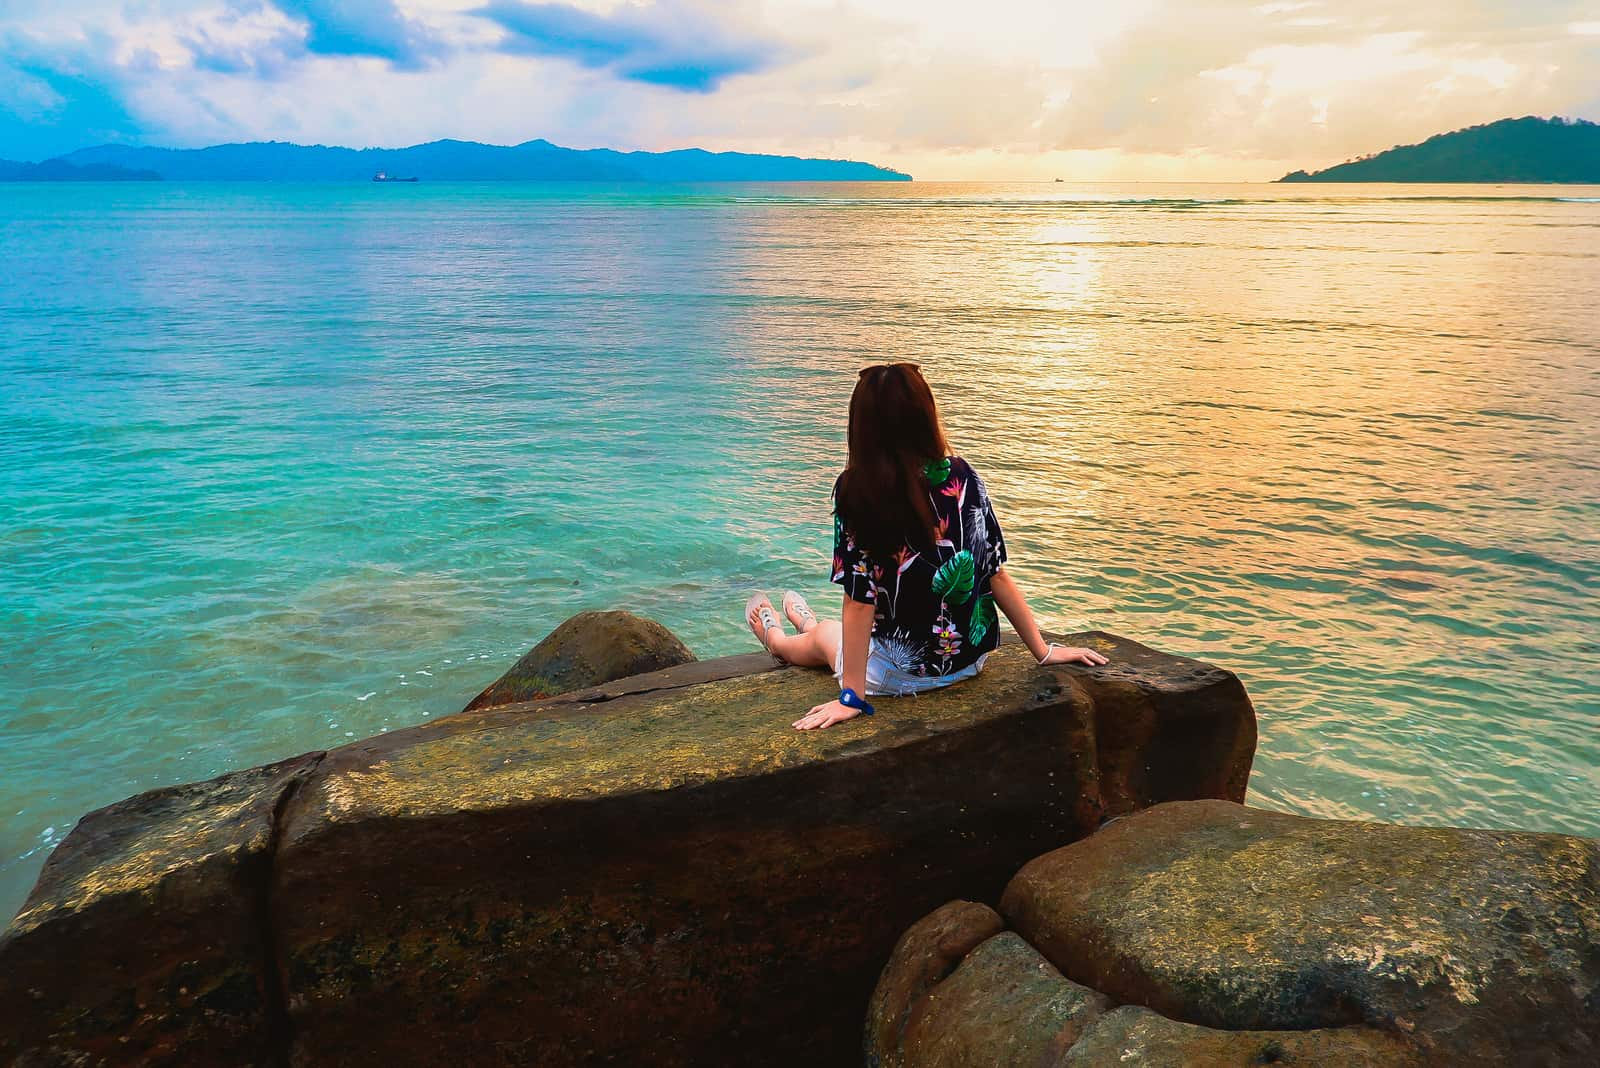 la femme est assise au bord de la mer et regarde